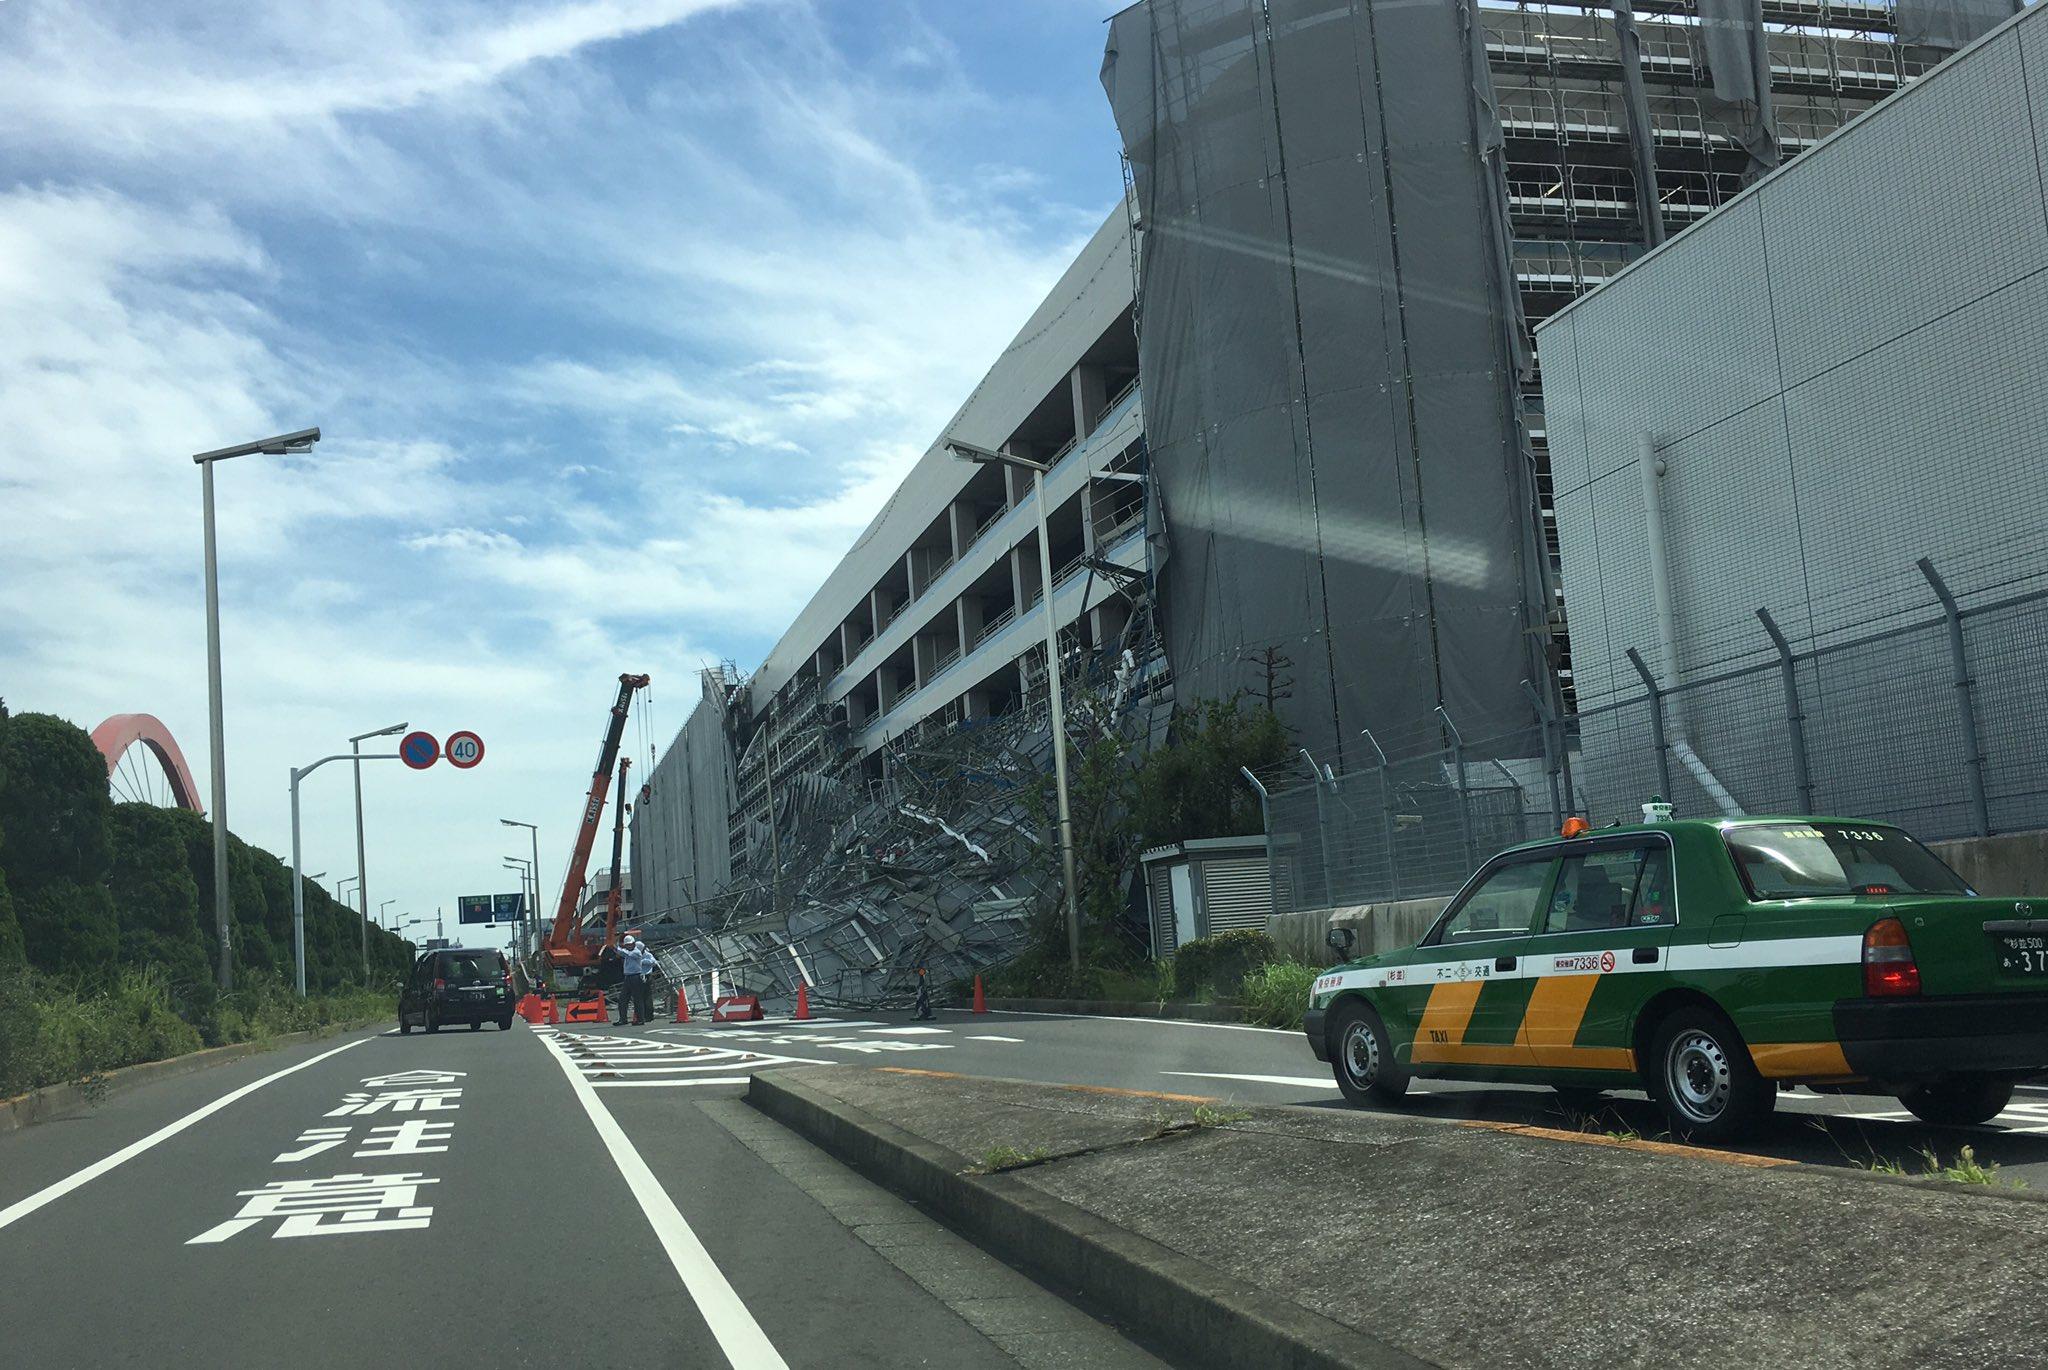 画像,羽田空港も大混乱中。飛行機には間に合うように着いたところ、午前中の欠航ラッシュの影響もあり駐車場が全部満車で焦りました。P2は補修中の足場が崩落して入口封鎖。予…